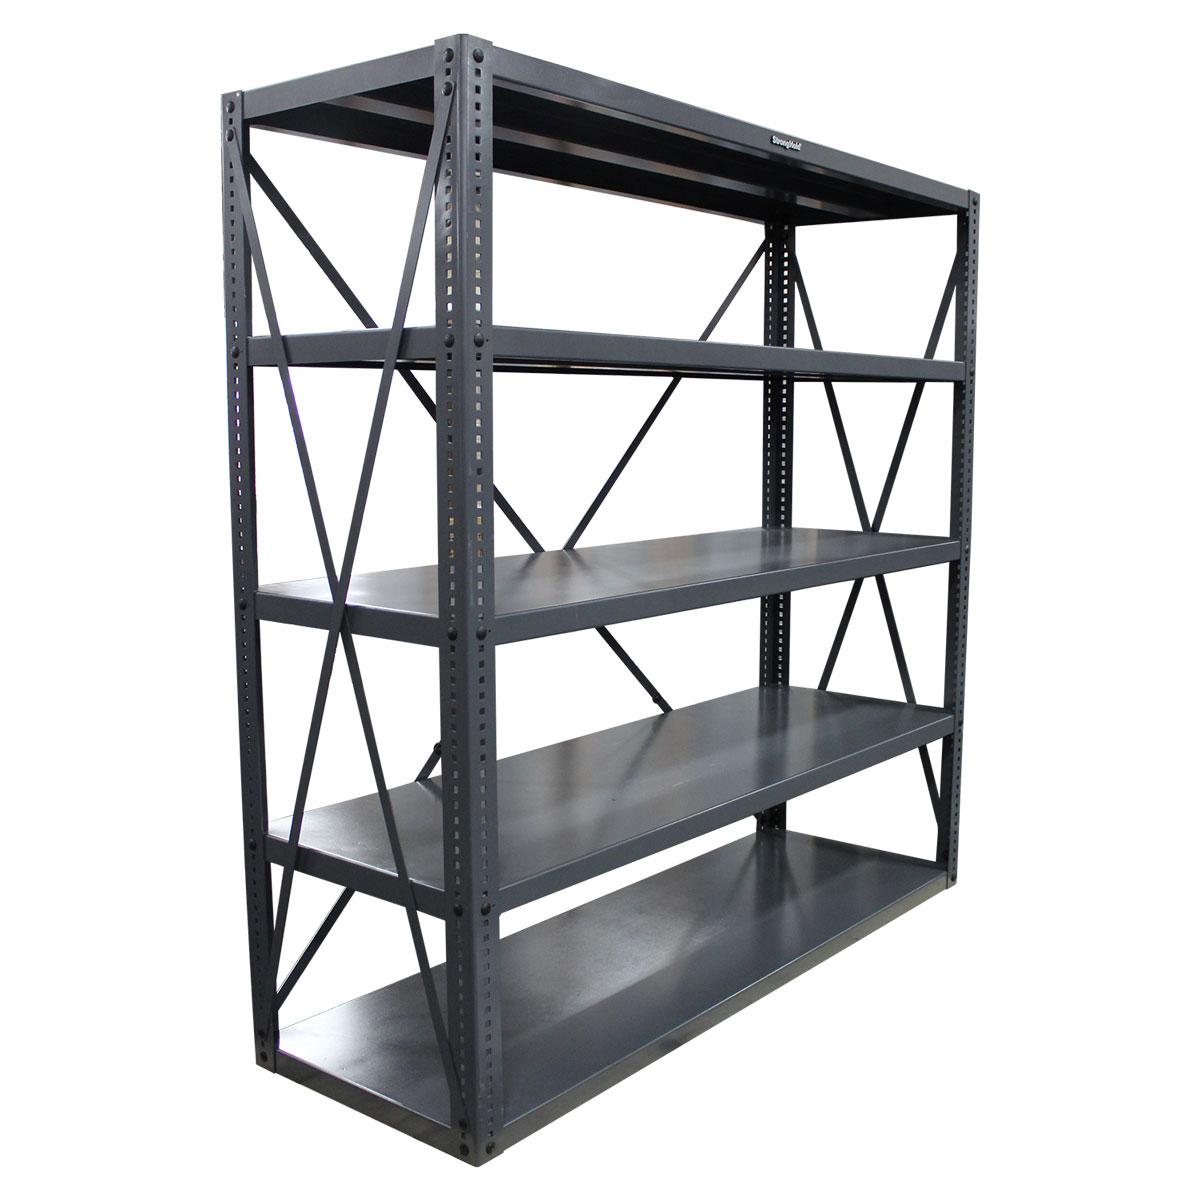 12 ga steel open shelving unit